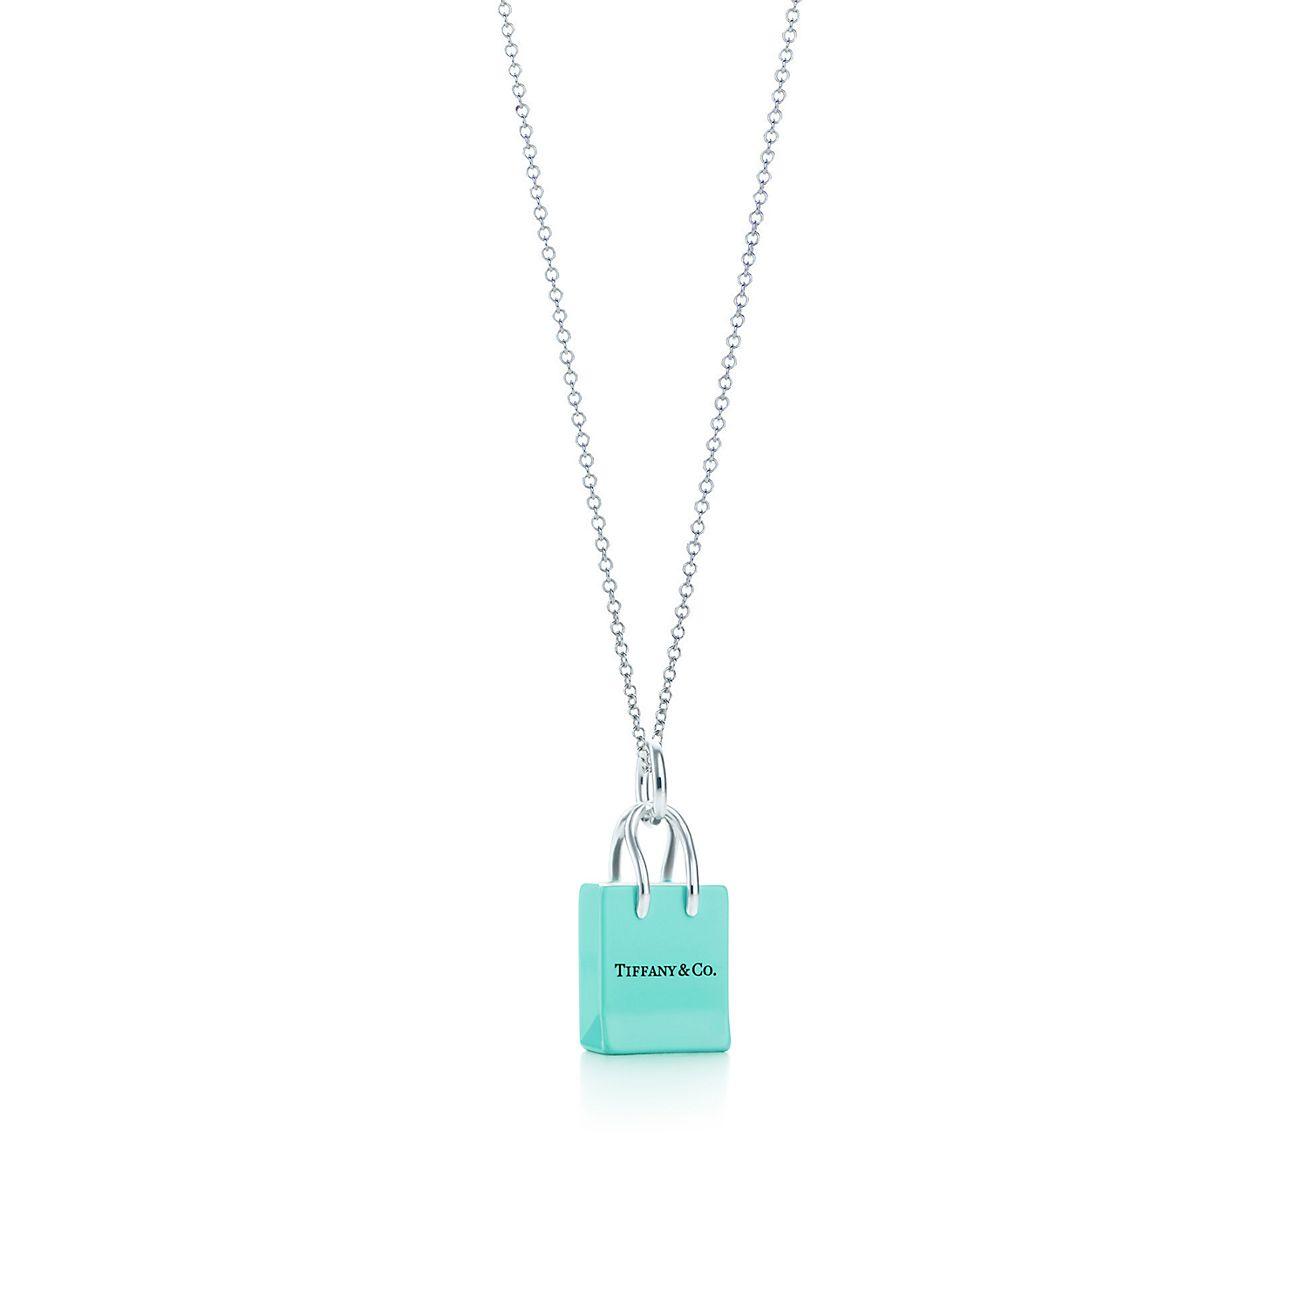 Handbag charm in sterling silver with Tiffany Blue enamel finish Tiffany & Co.